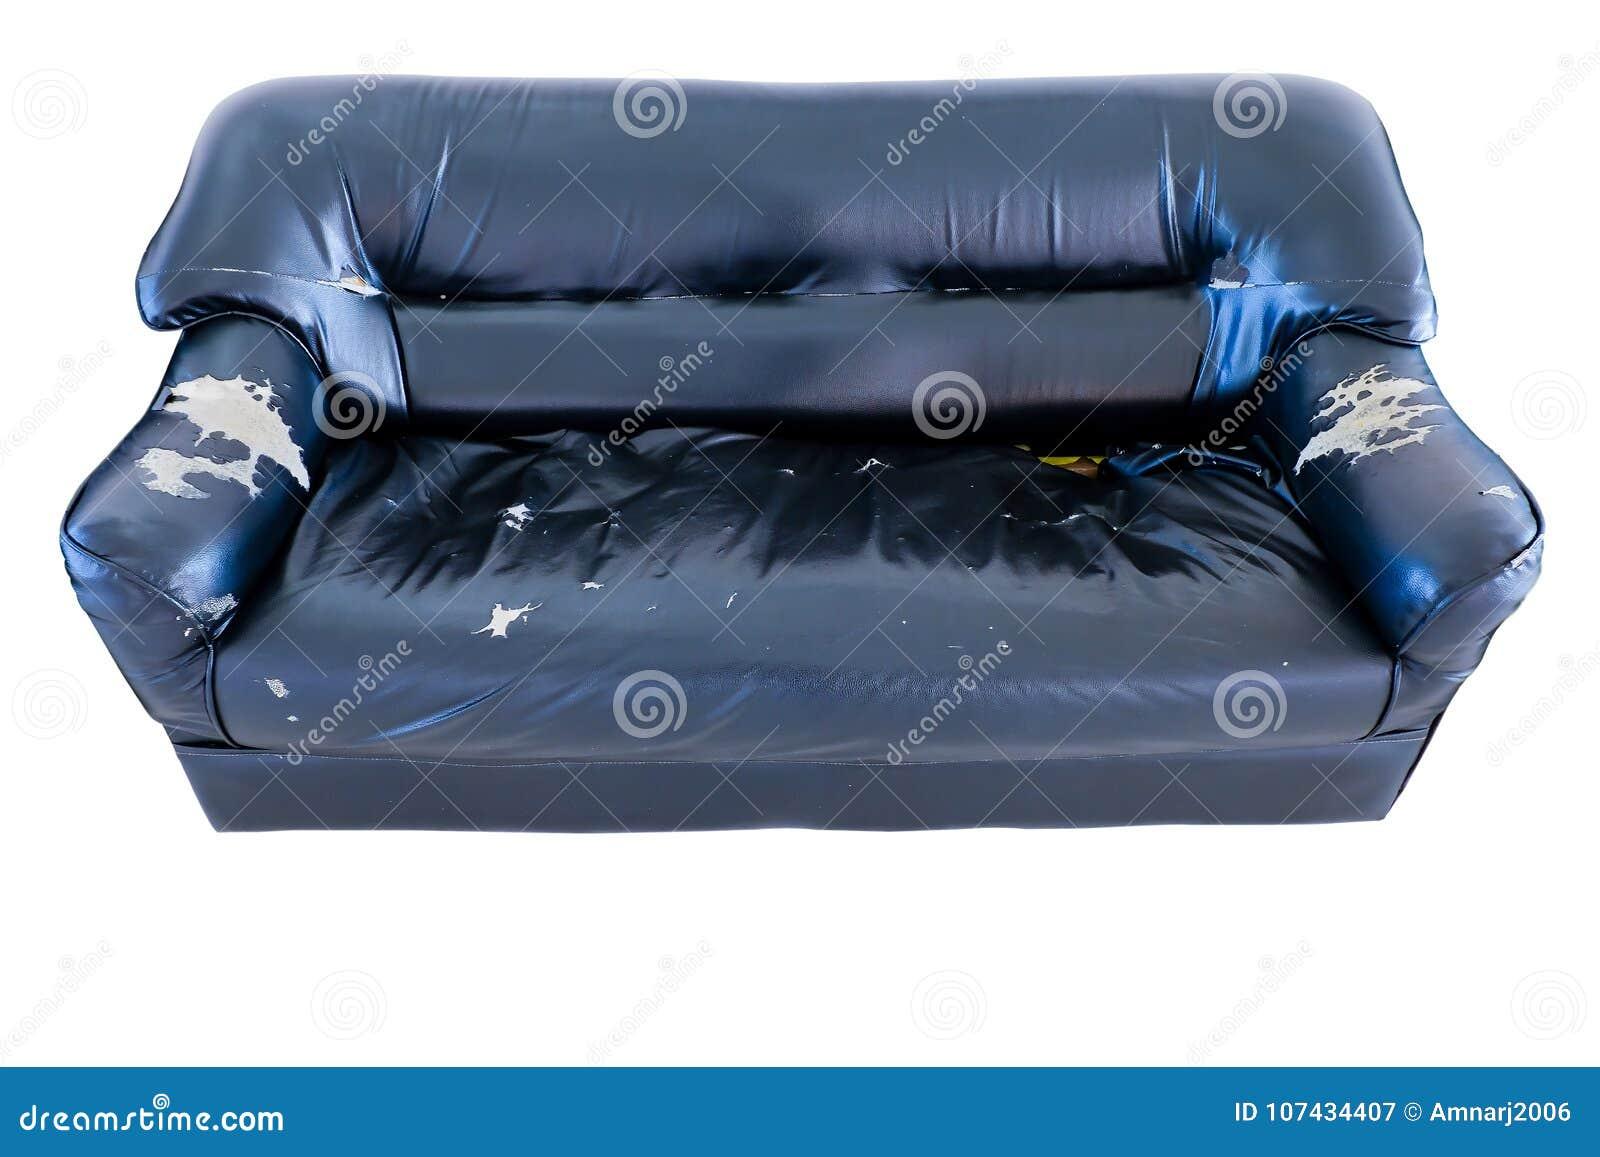 alter schmutz der weinlese zerriss verlassene couch oder sofa stockbild bild von ansammlung. Black Bedroom Furniture Sets. Home Design Ideas